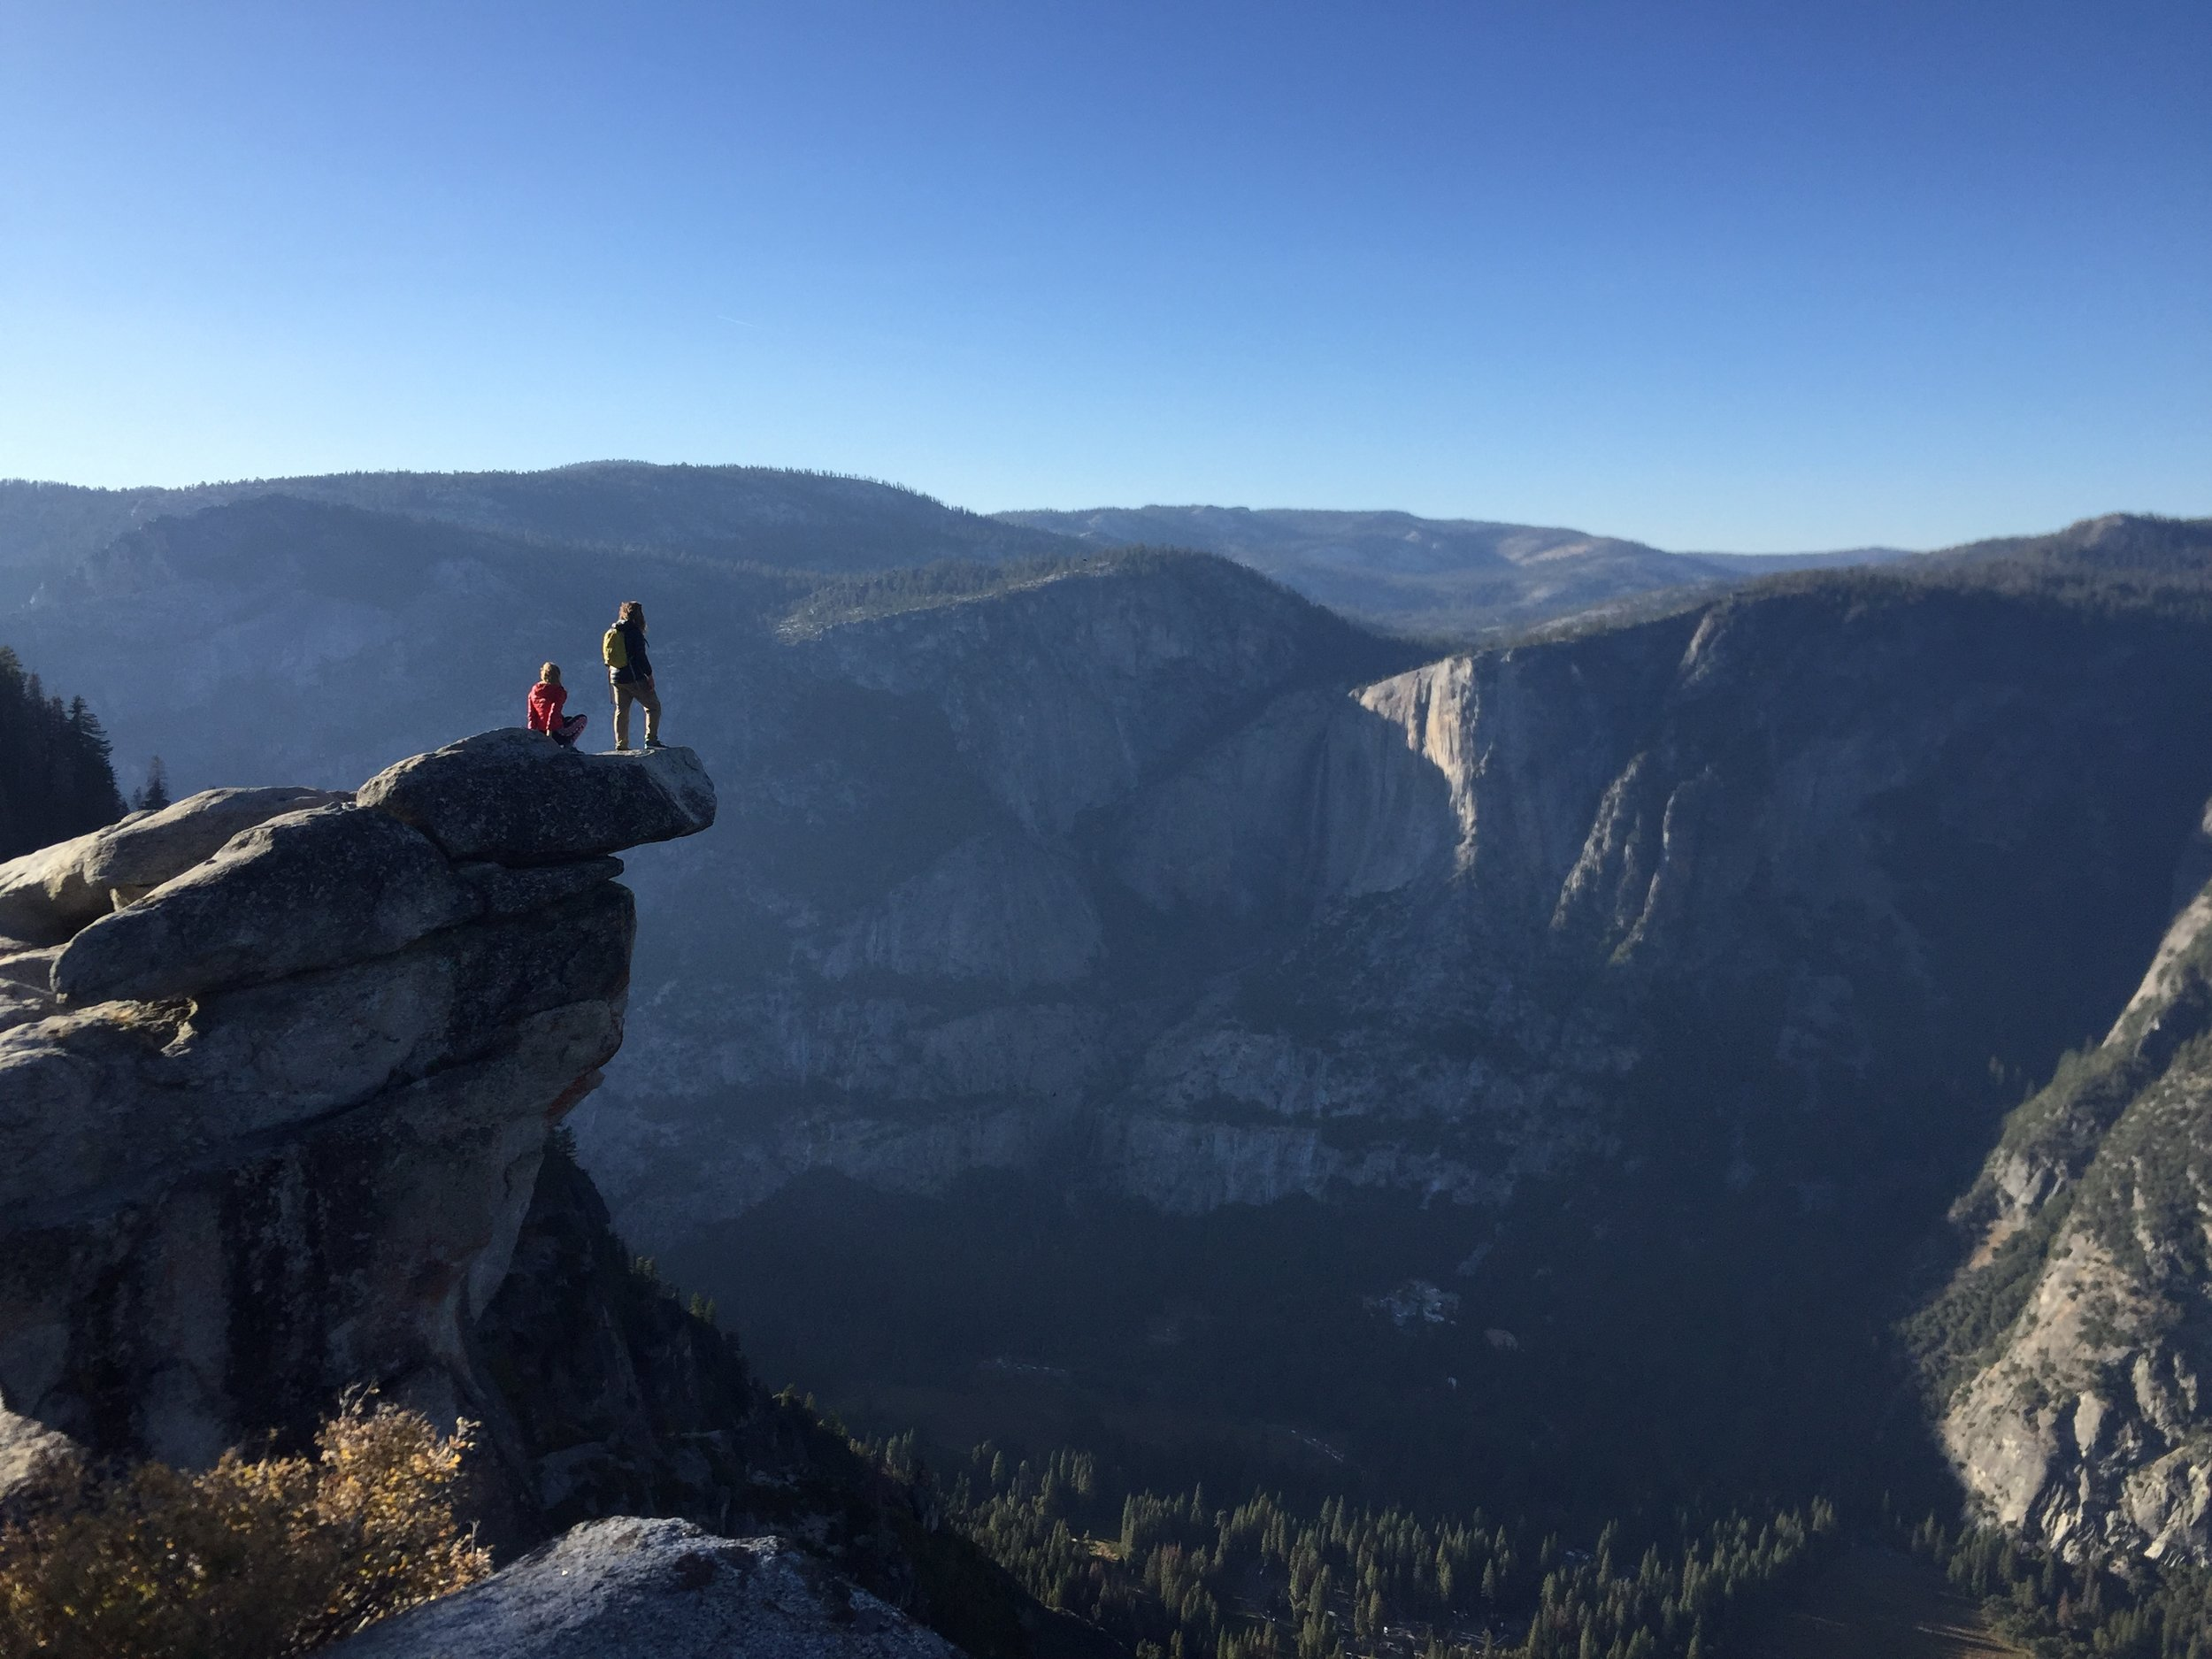 Yosemite National Park, September 2017